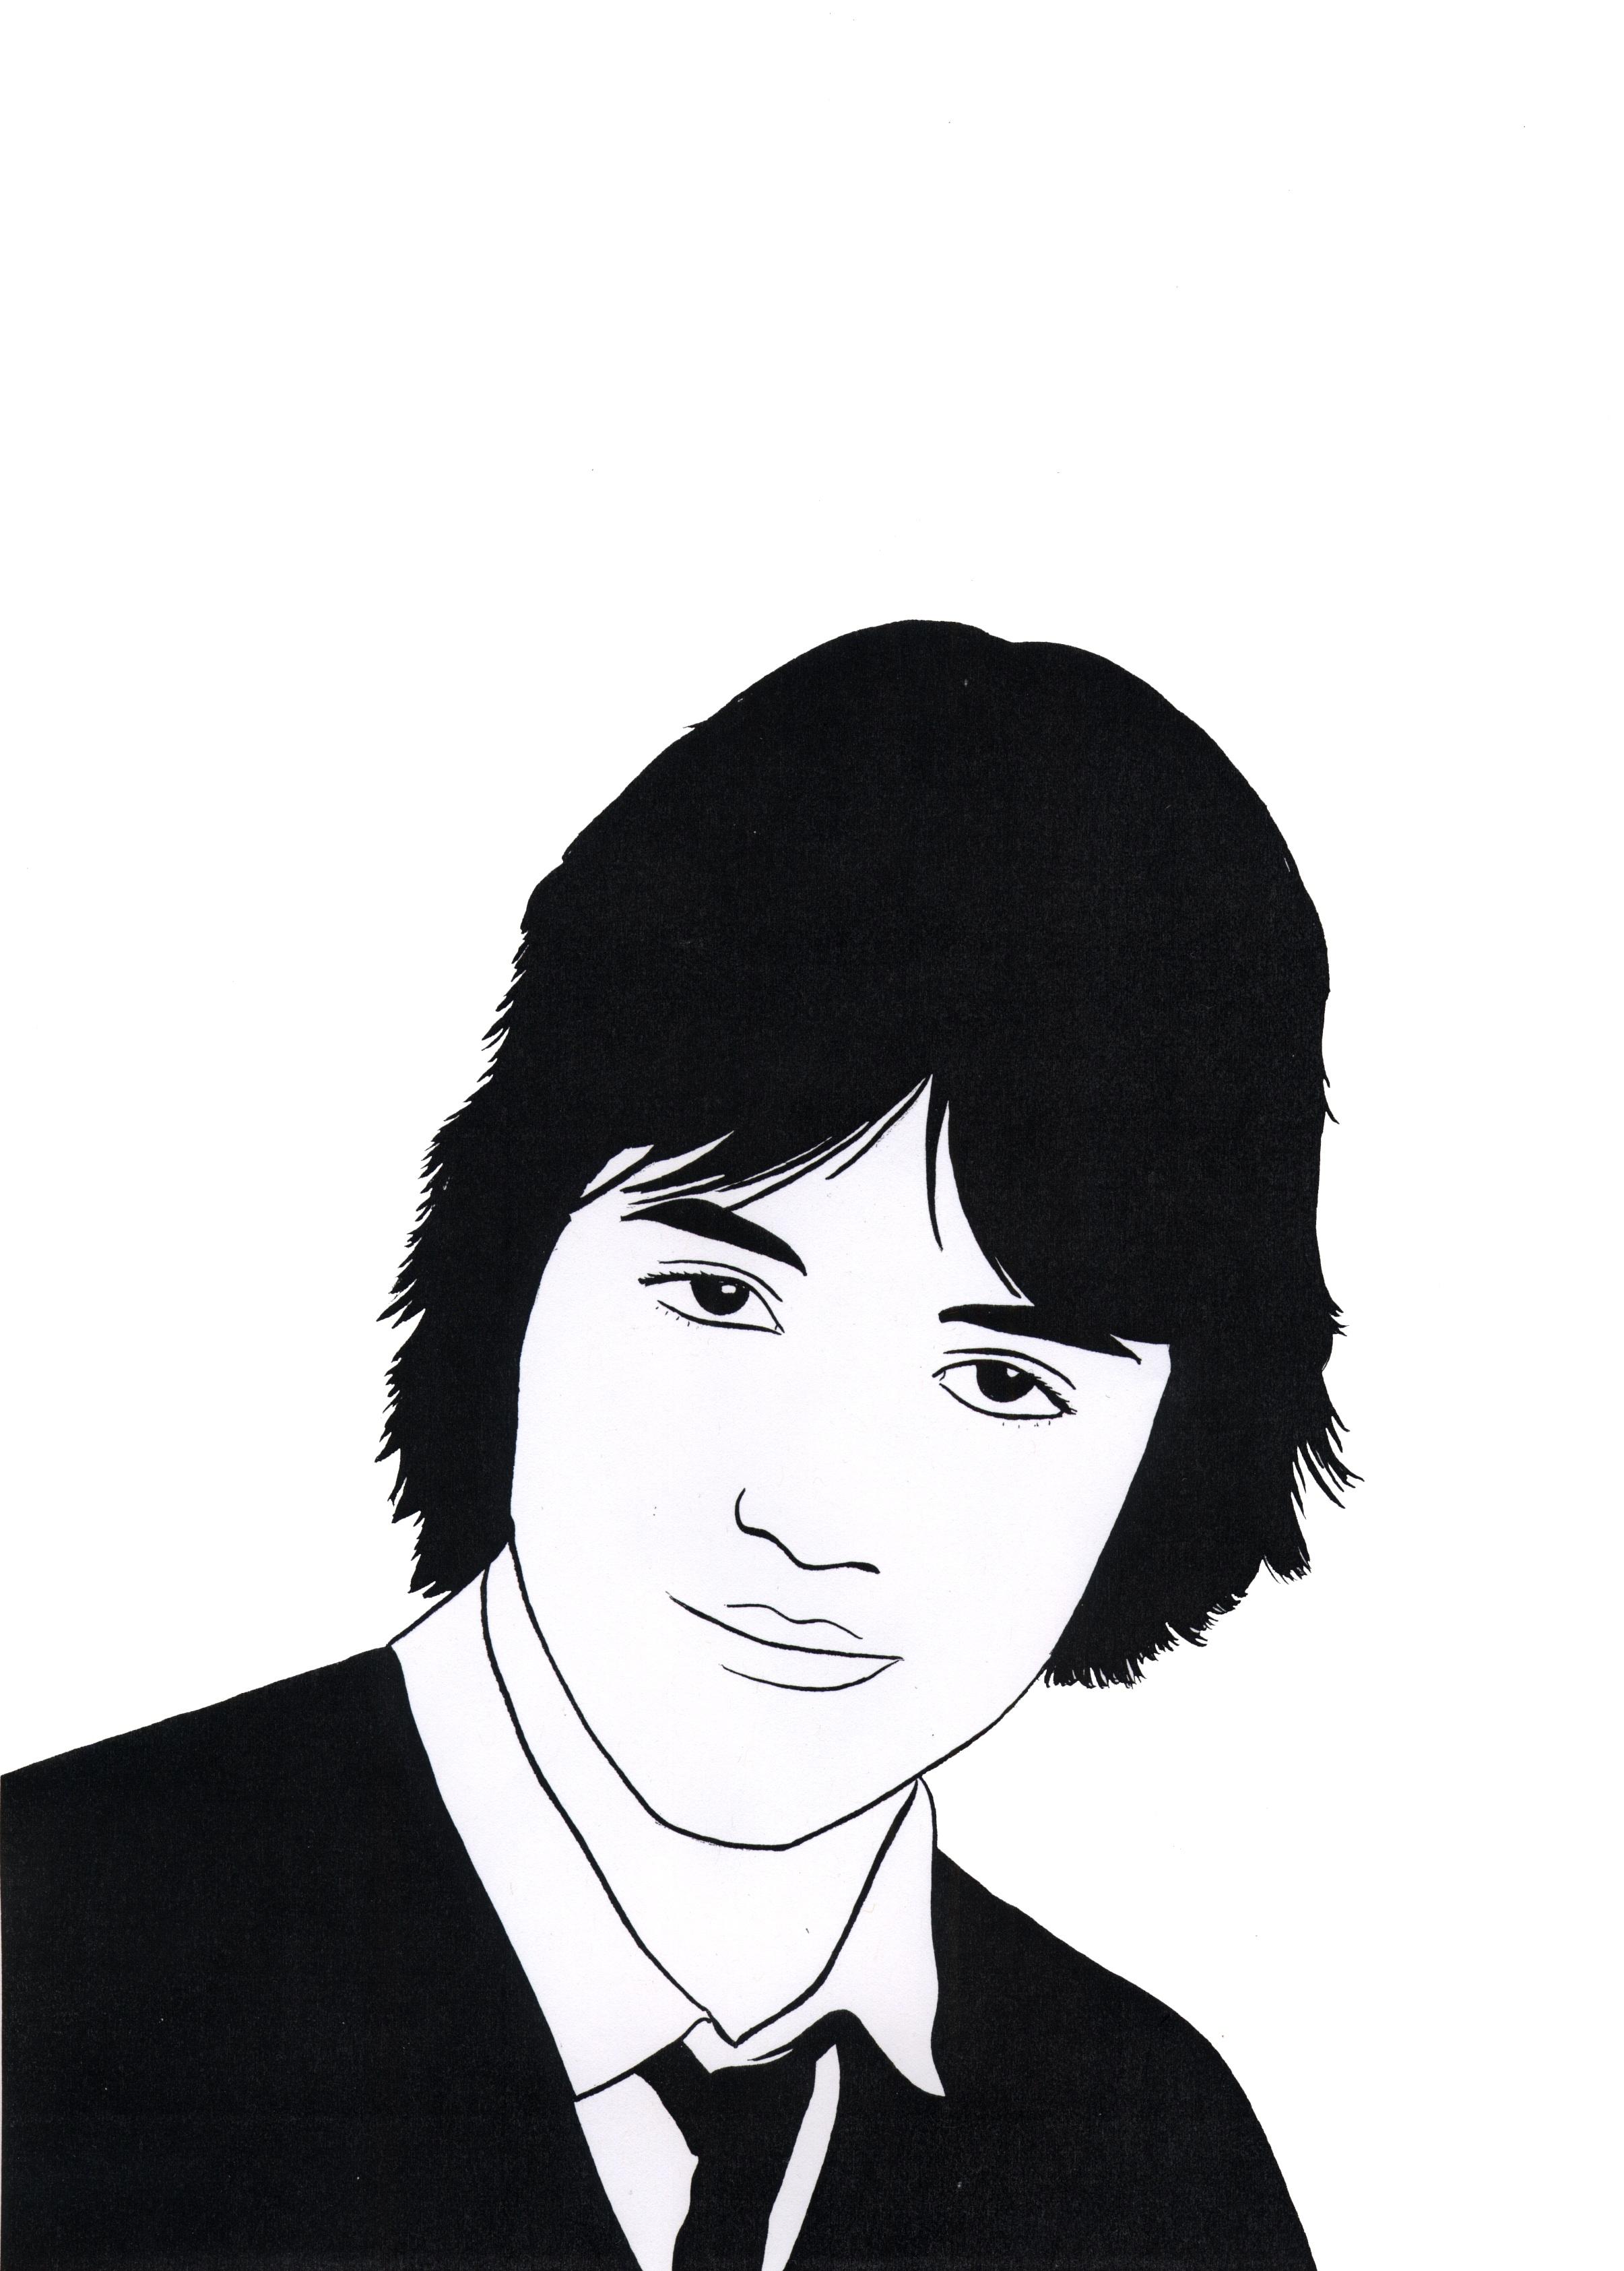 Self Portrait 'Sweet Sixteen' 2010 Ink on paper 42 x 29.7 cm / 16.5 x 11.6 in,47 x 34.5 cm / 18.5 x 13.5 in framed